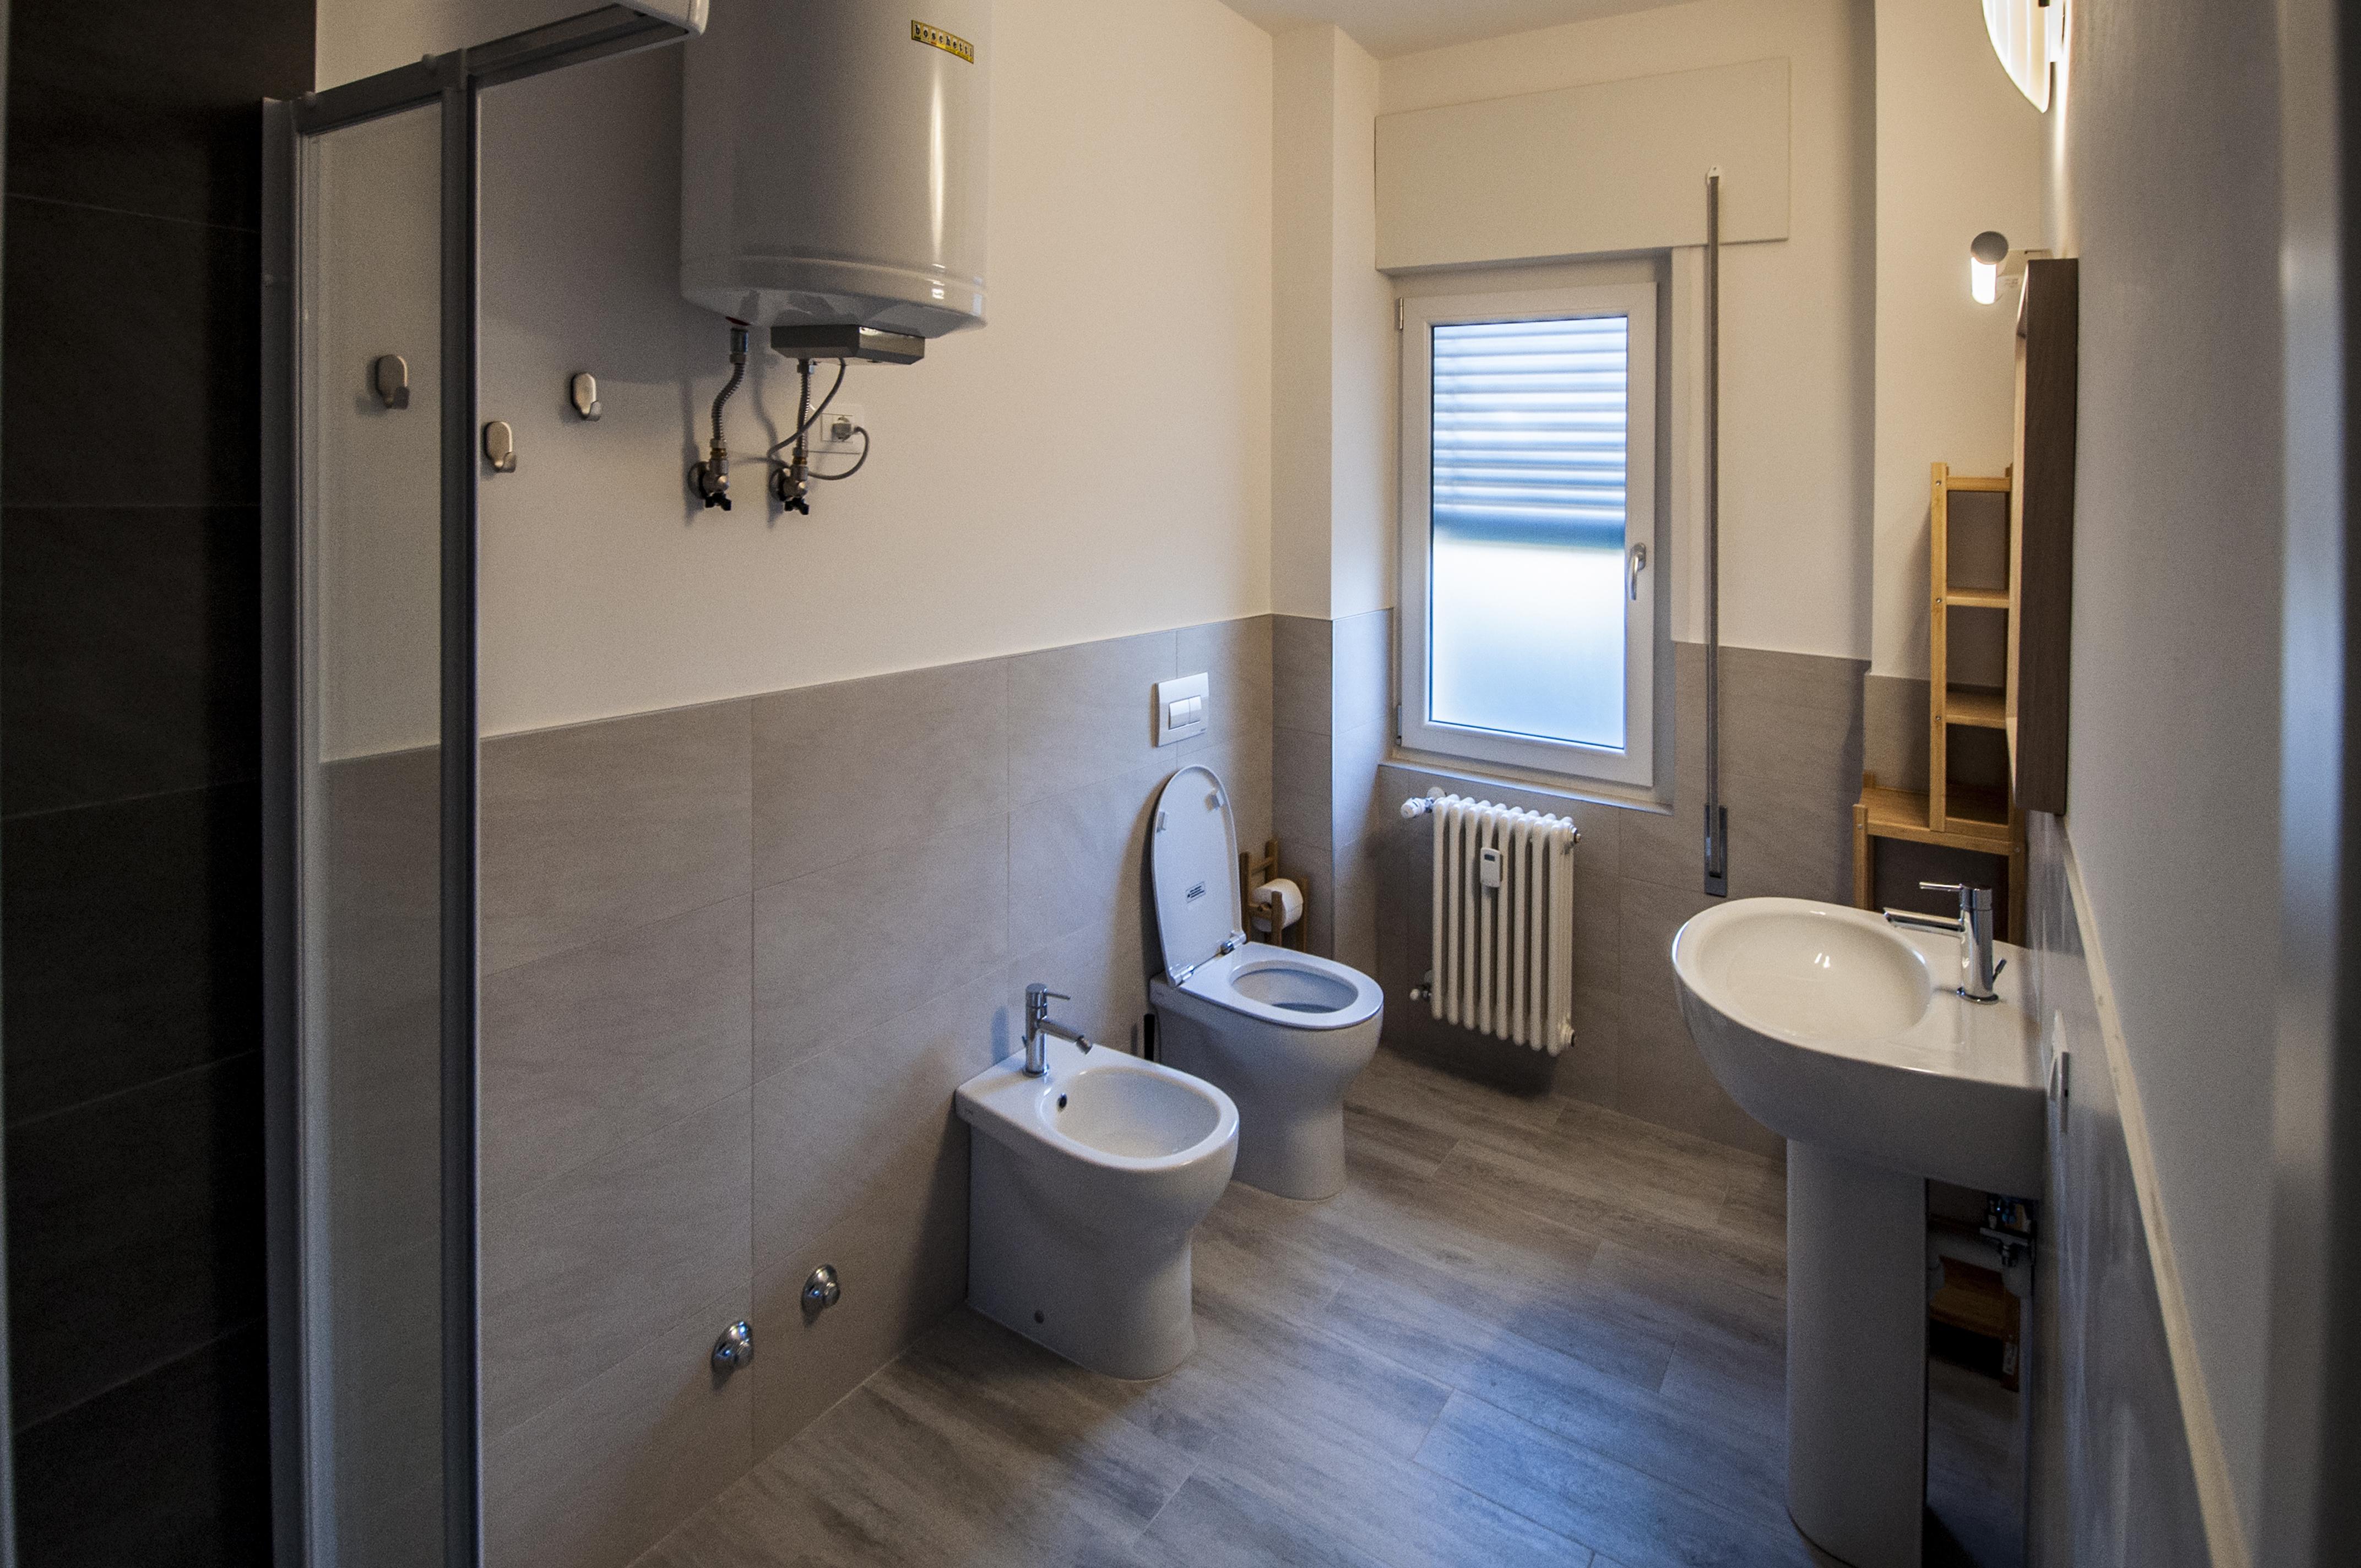 Camere in affitto-Treviso-Ospedale-Stazione-Studio-Architettura-Zanatta_02